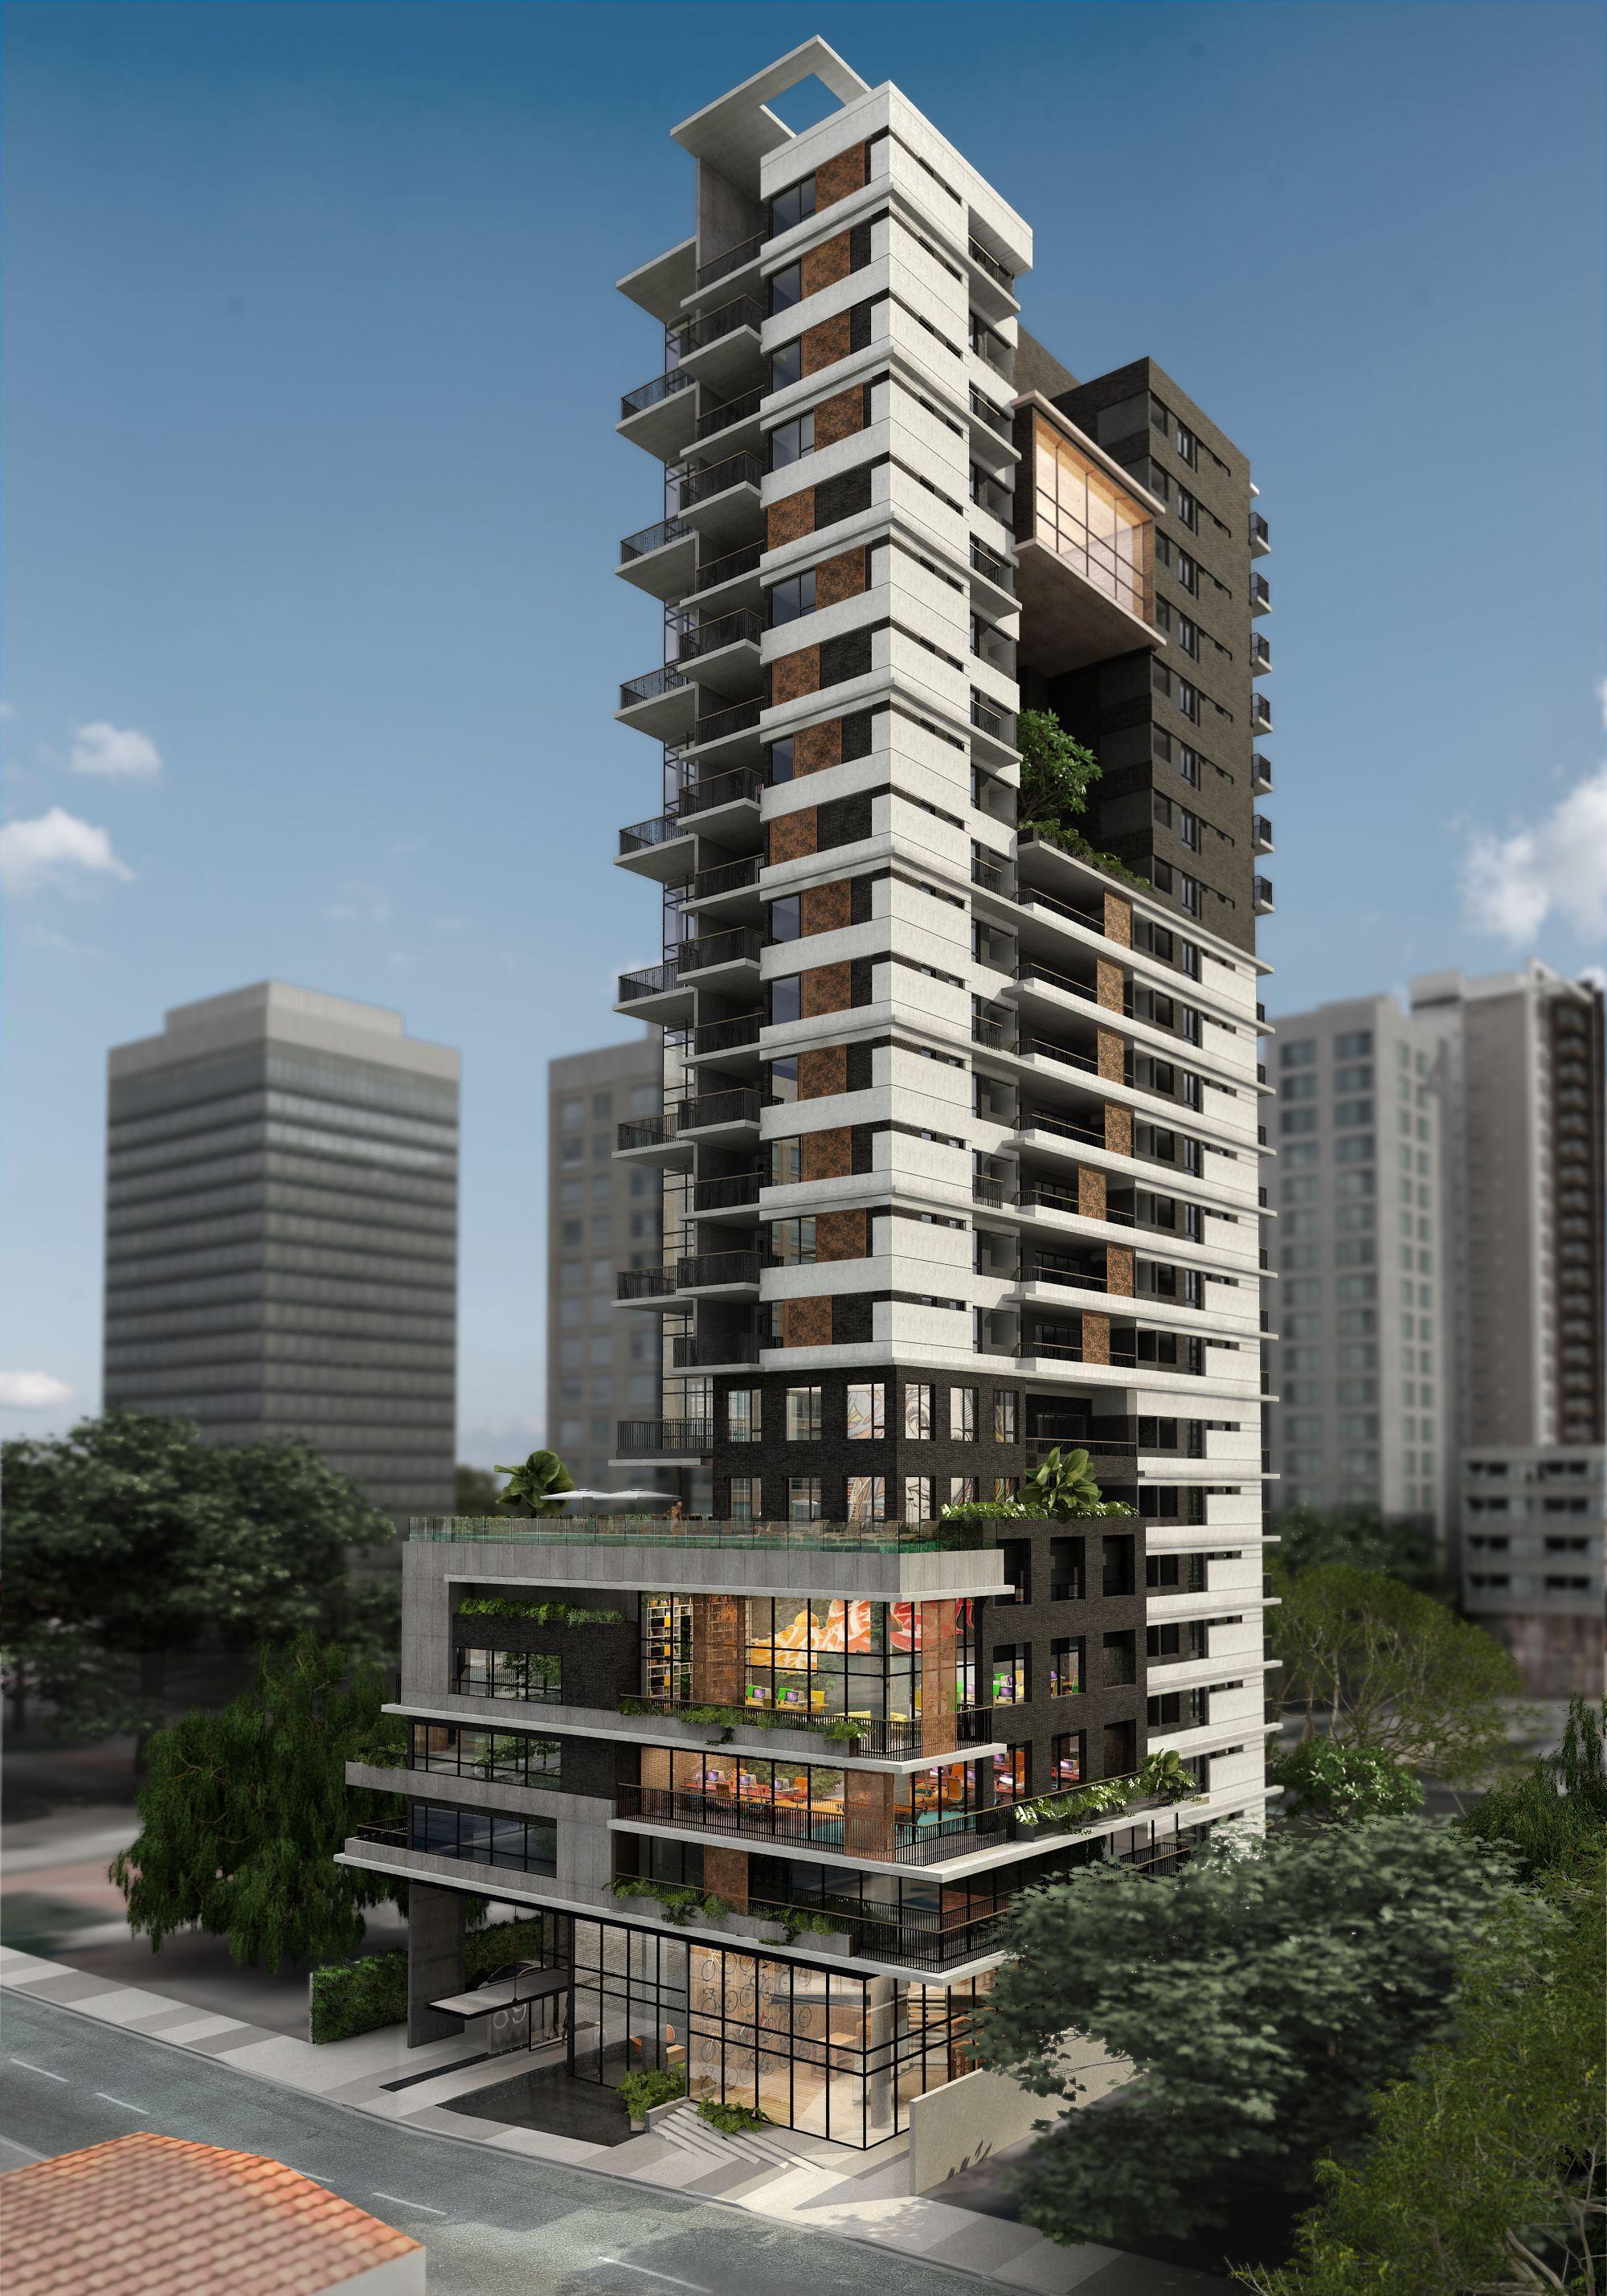 Edificios de apartamentos modernos fachadas edificios for Fachadas apartamentos modernos